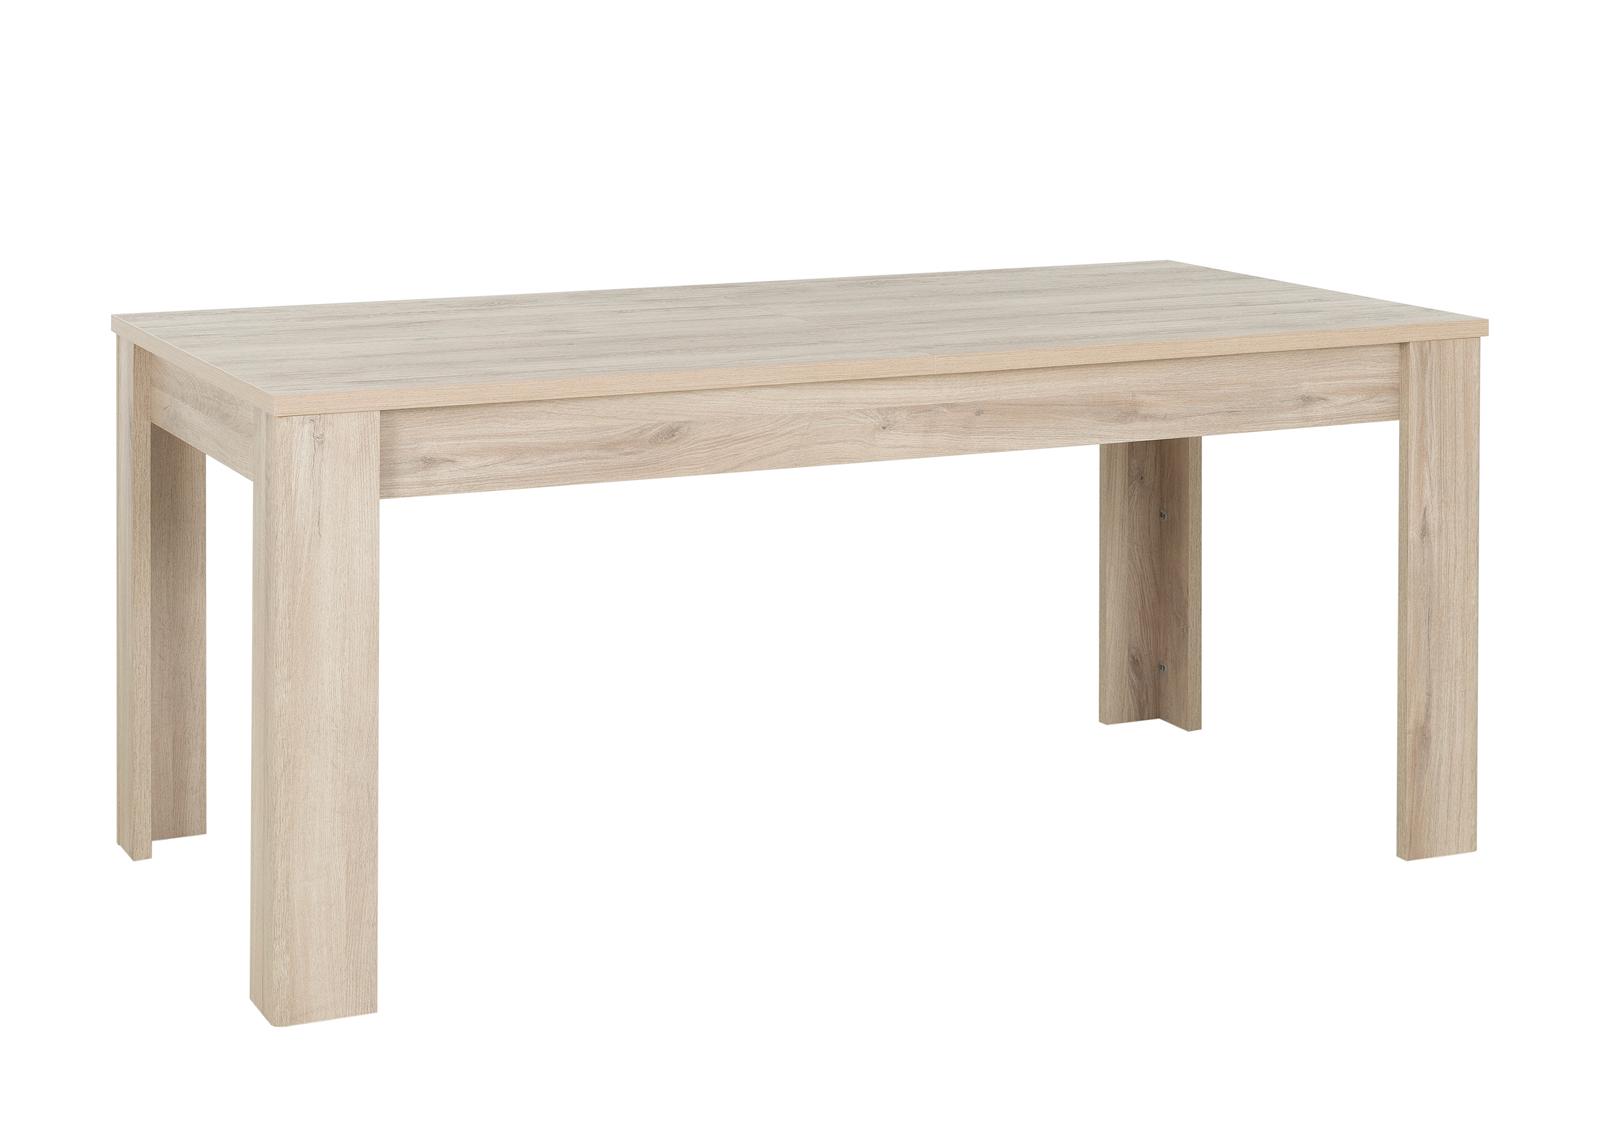 Jatkettava ruokapöytä Trendteam 160-200x90 cmAlbin 180/228x90 cm